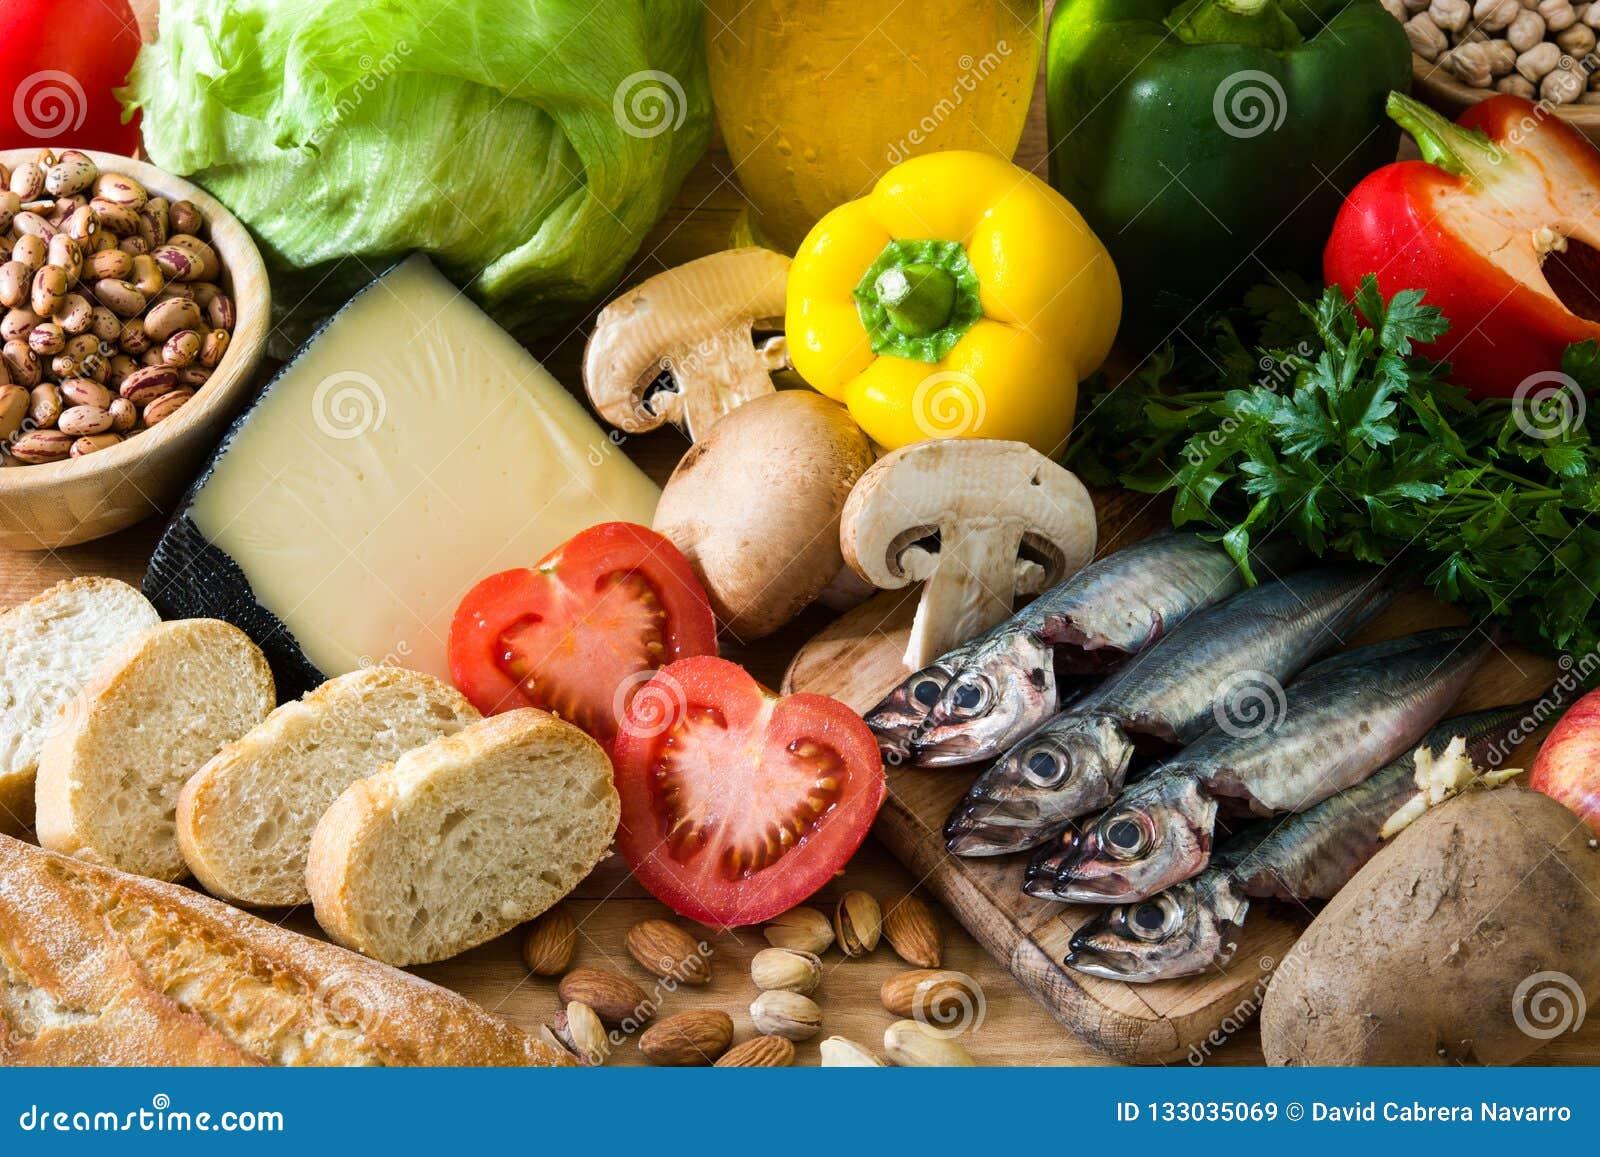 Zdrowe jeść dieta śródziemnomorska Owoc, warzywa, adra, dokrętki oliwa z oliwek i ryba,